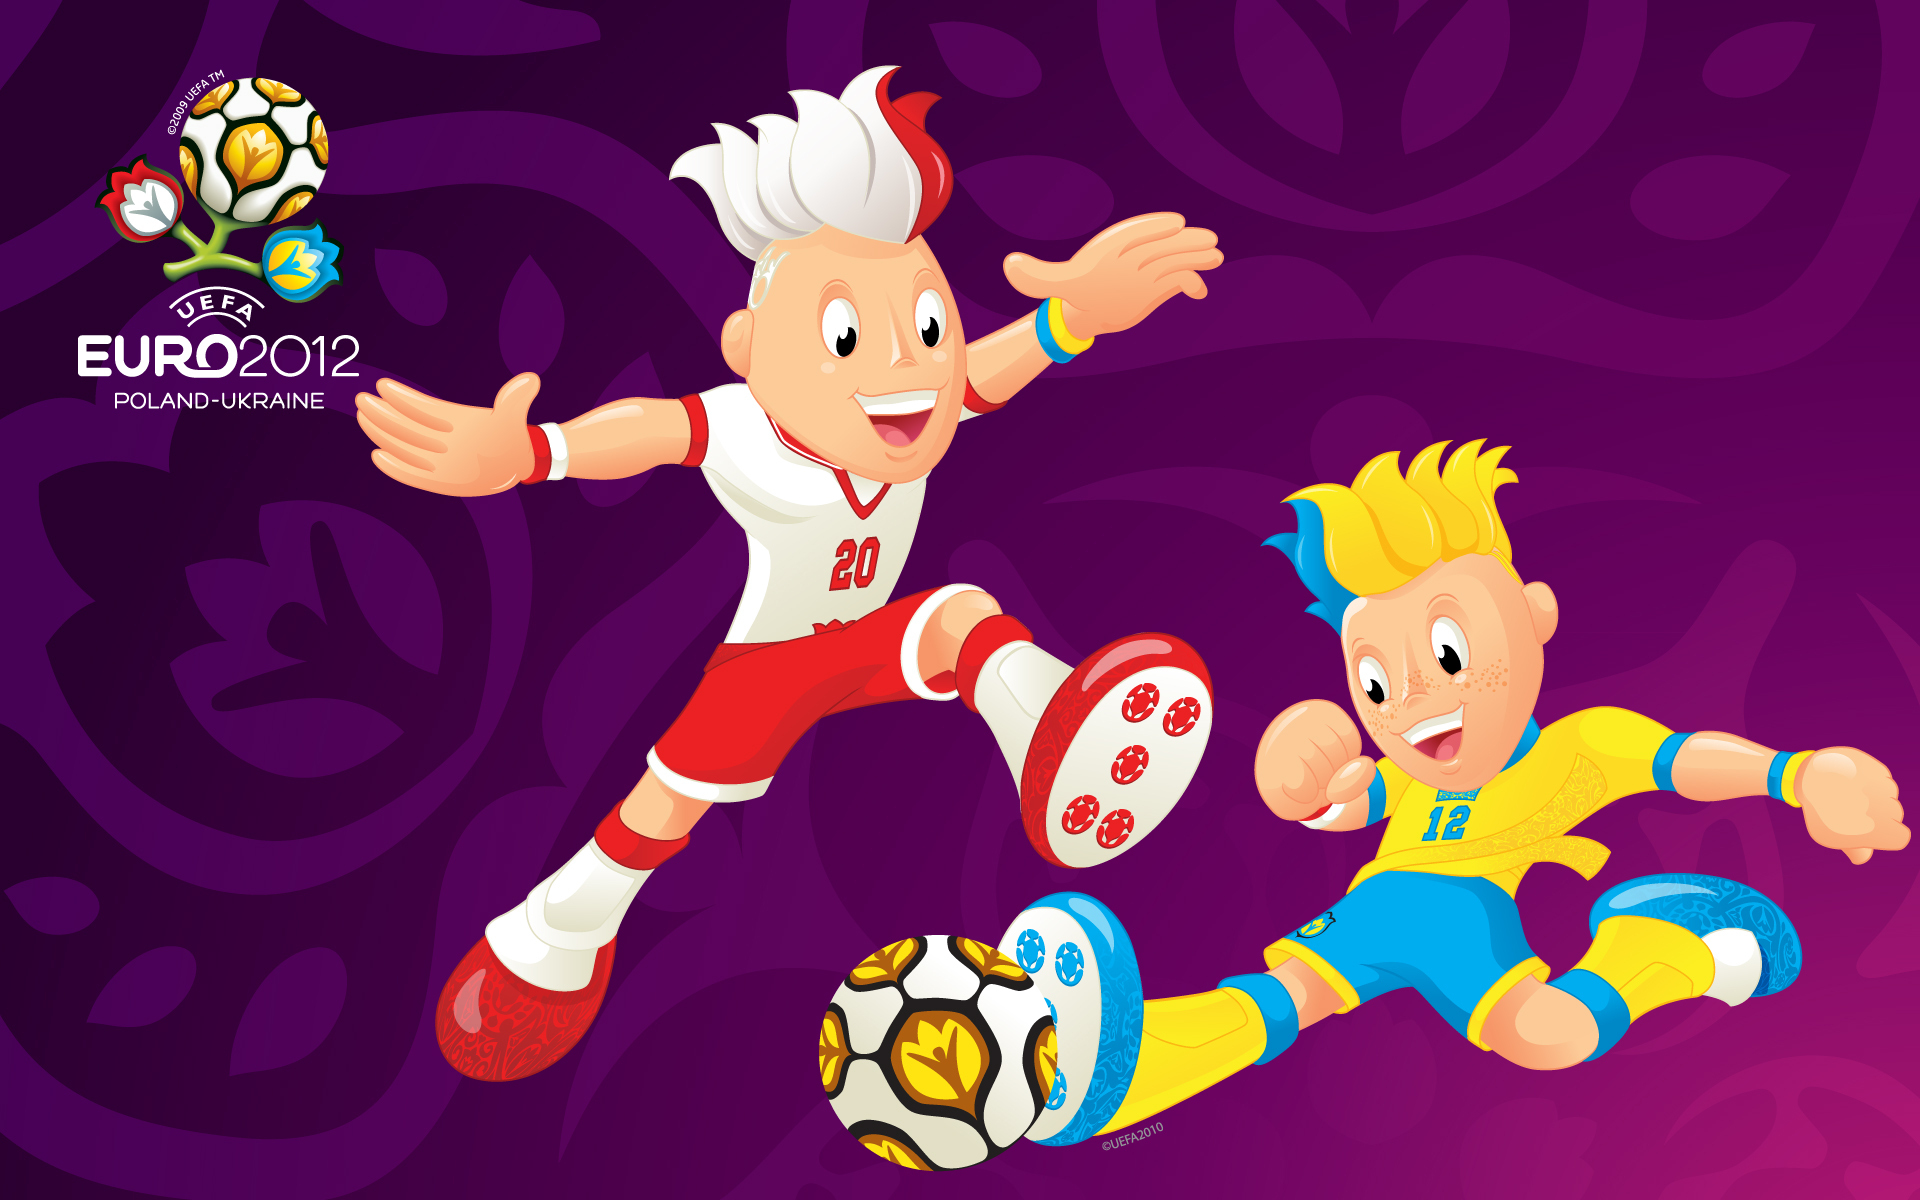 Польша-Украина мяч бесплатно